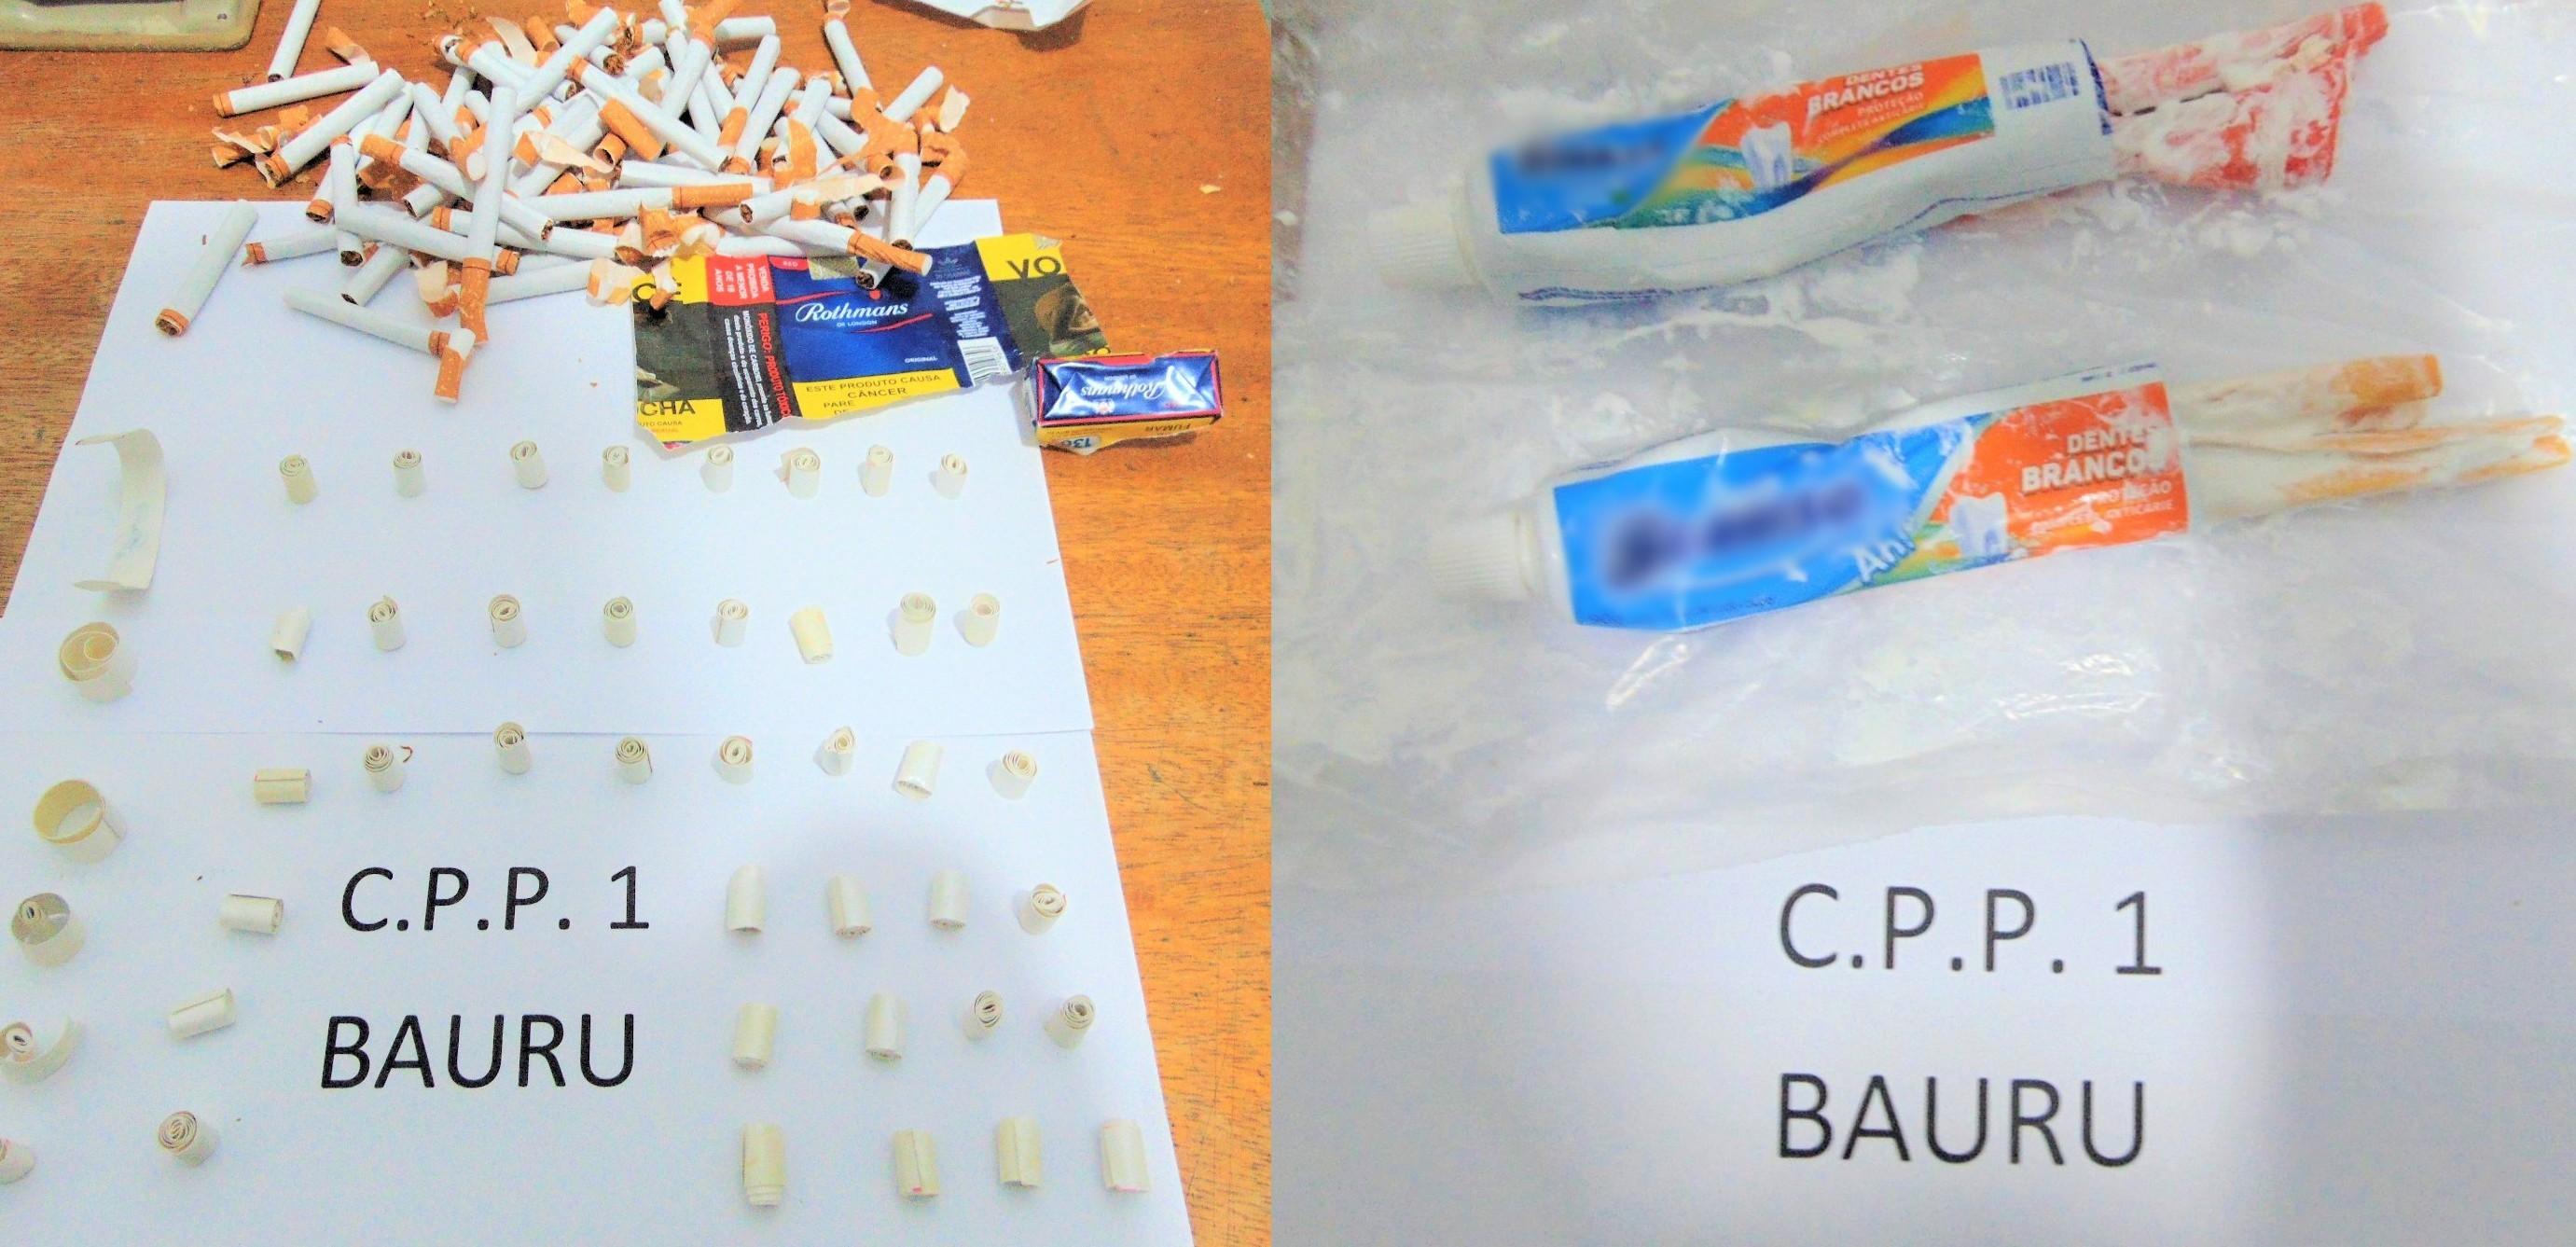 Agentes acham droga sintética dentro de cigarros e de creme dental enviados a presos de Bauru